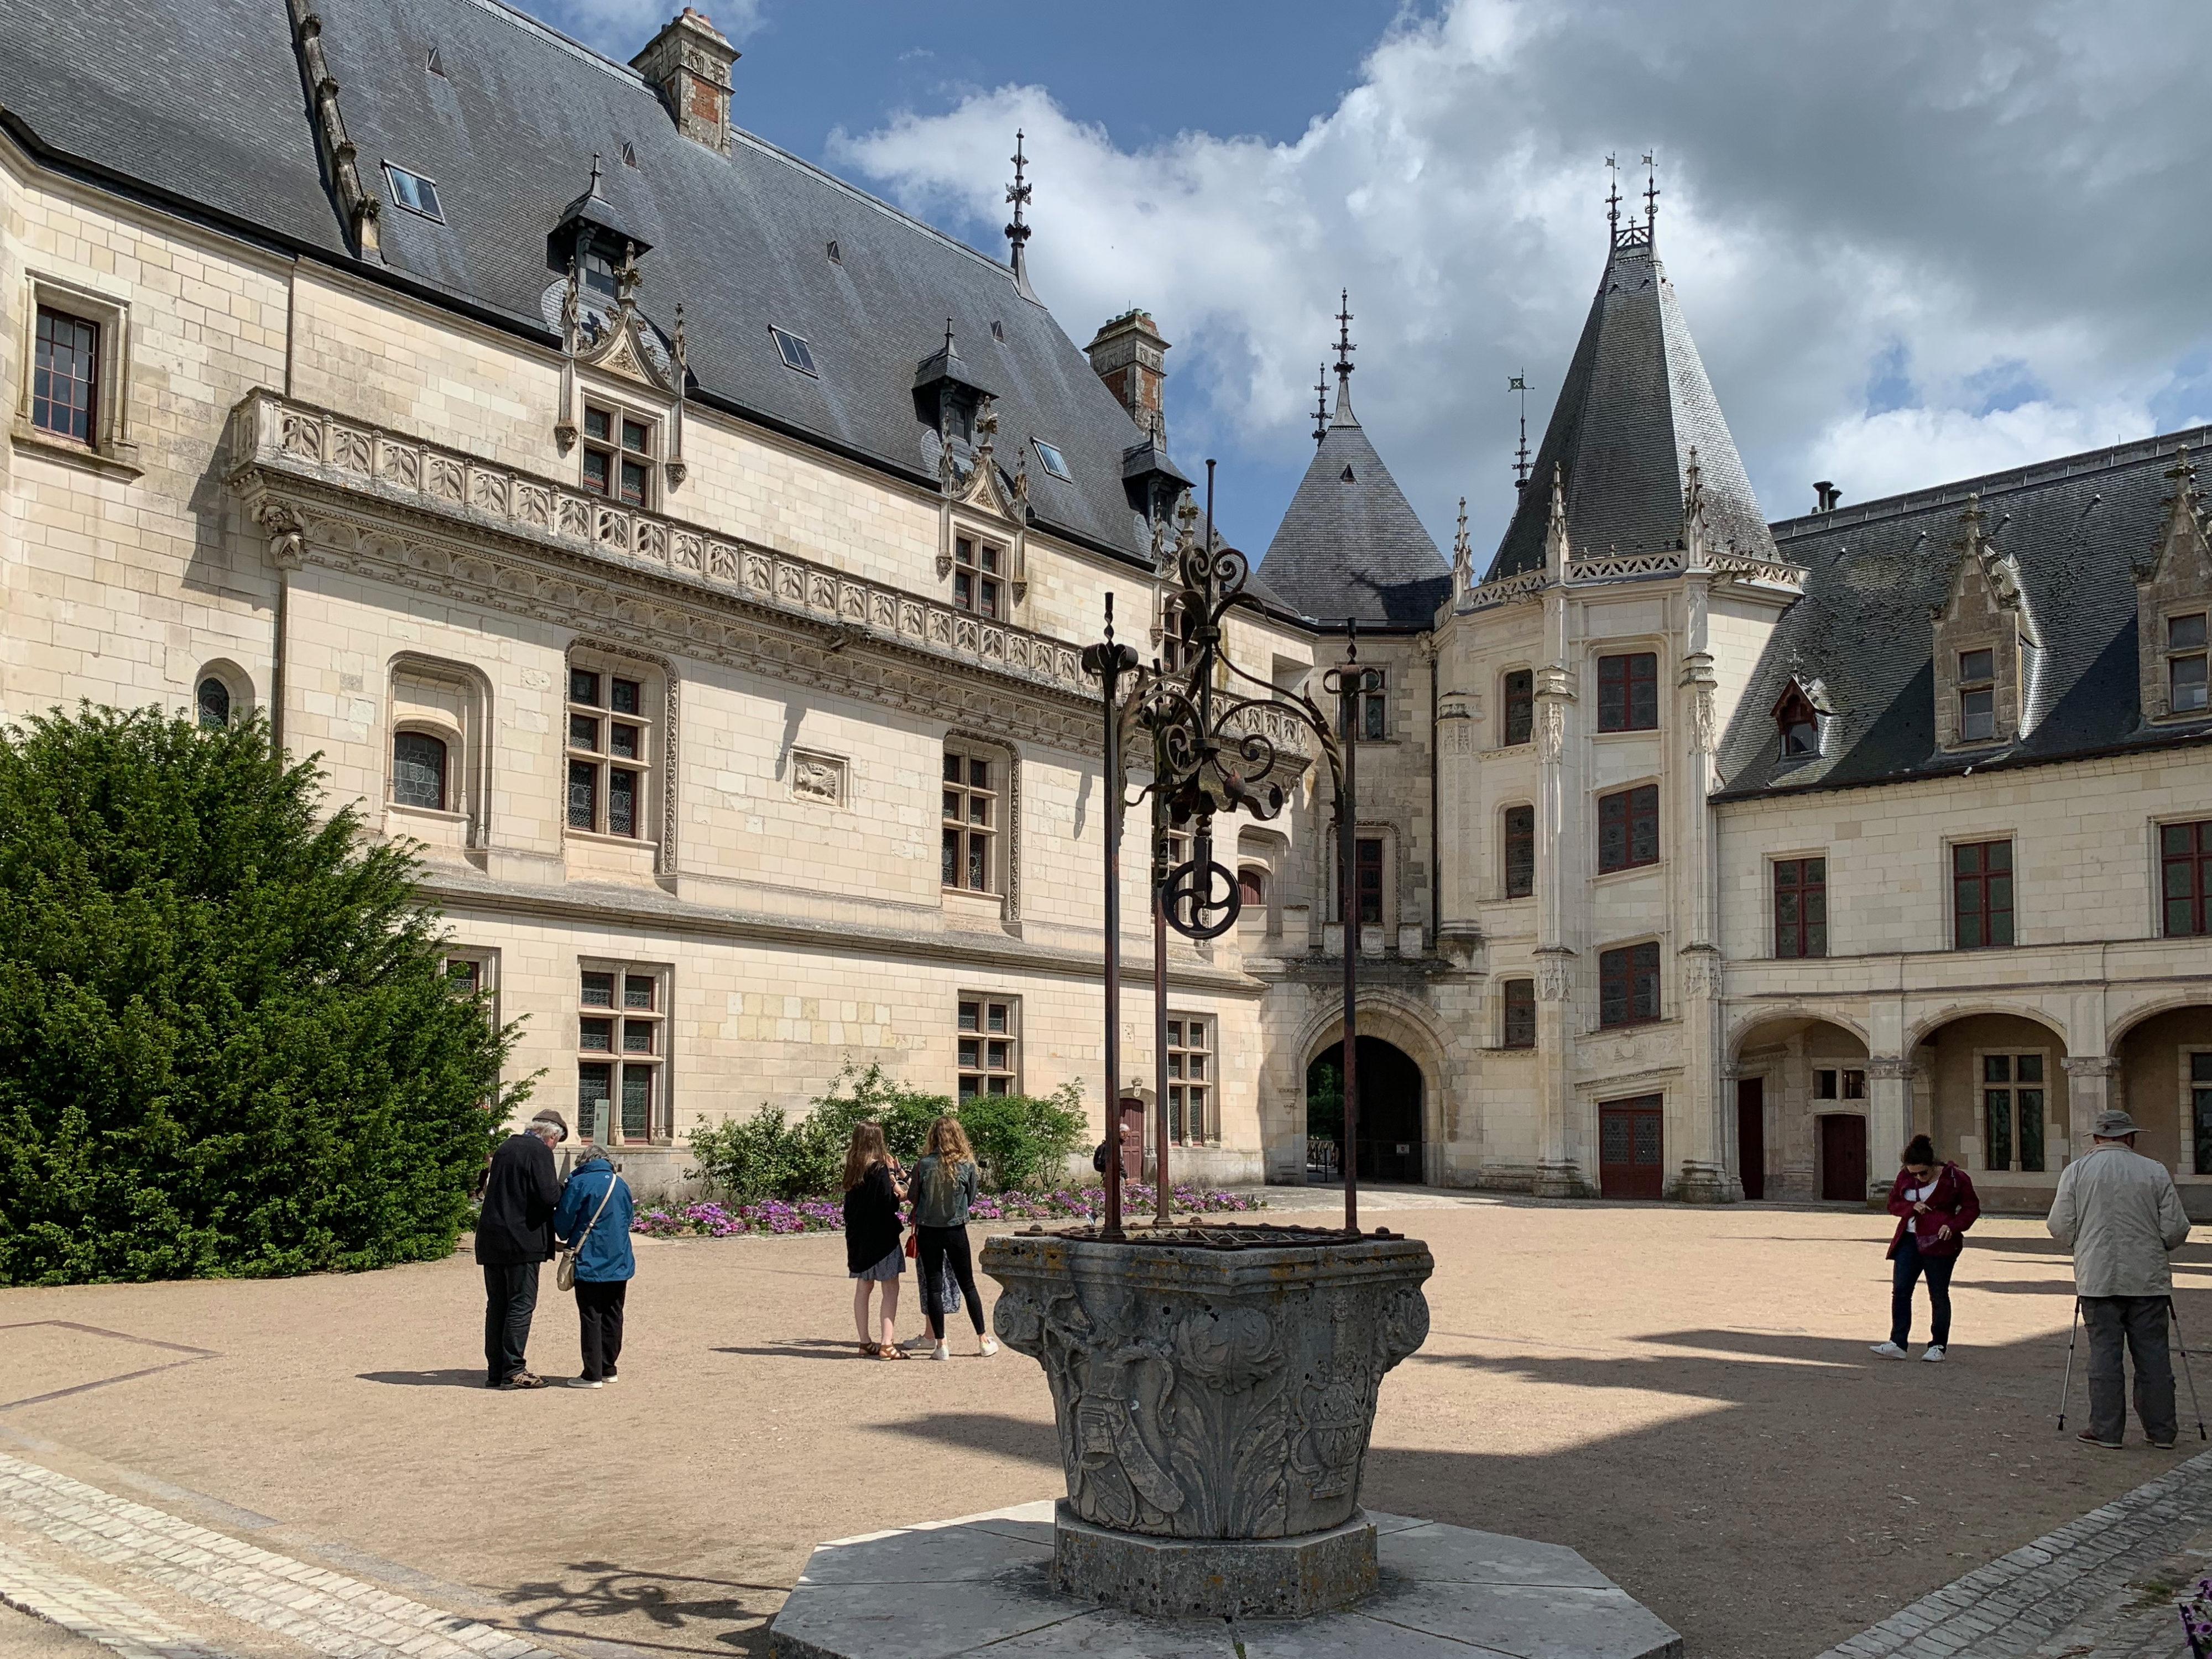 Chaumont, das wehrhafte Schloss über der Loire Bauphase Karl VIII. und Anne de Bretagne